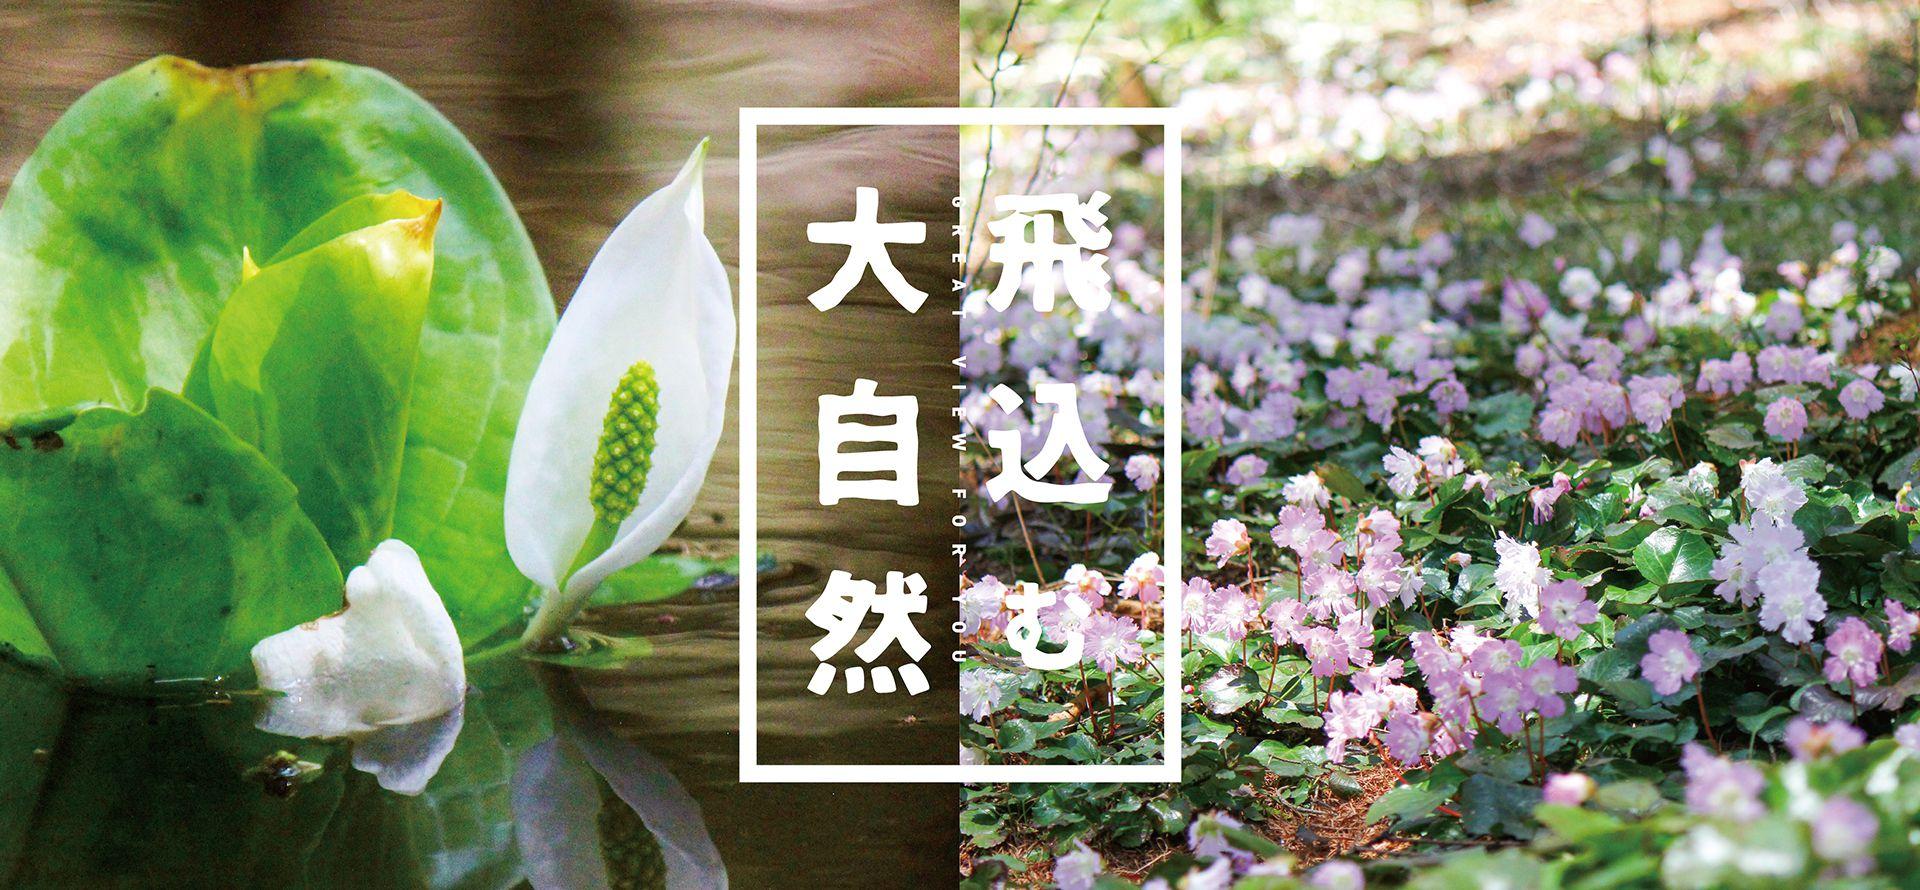 春の富士見台高原